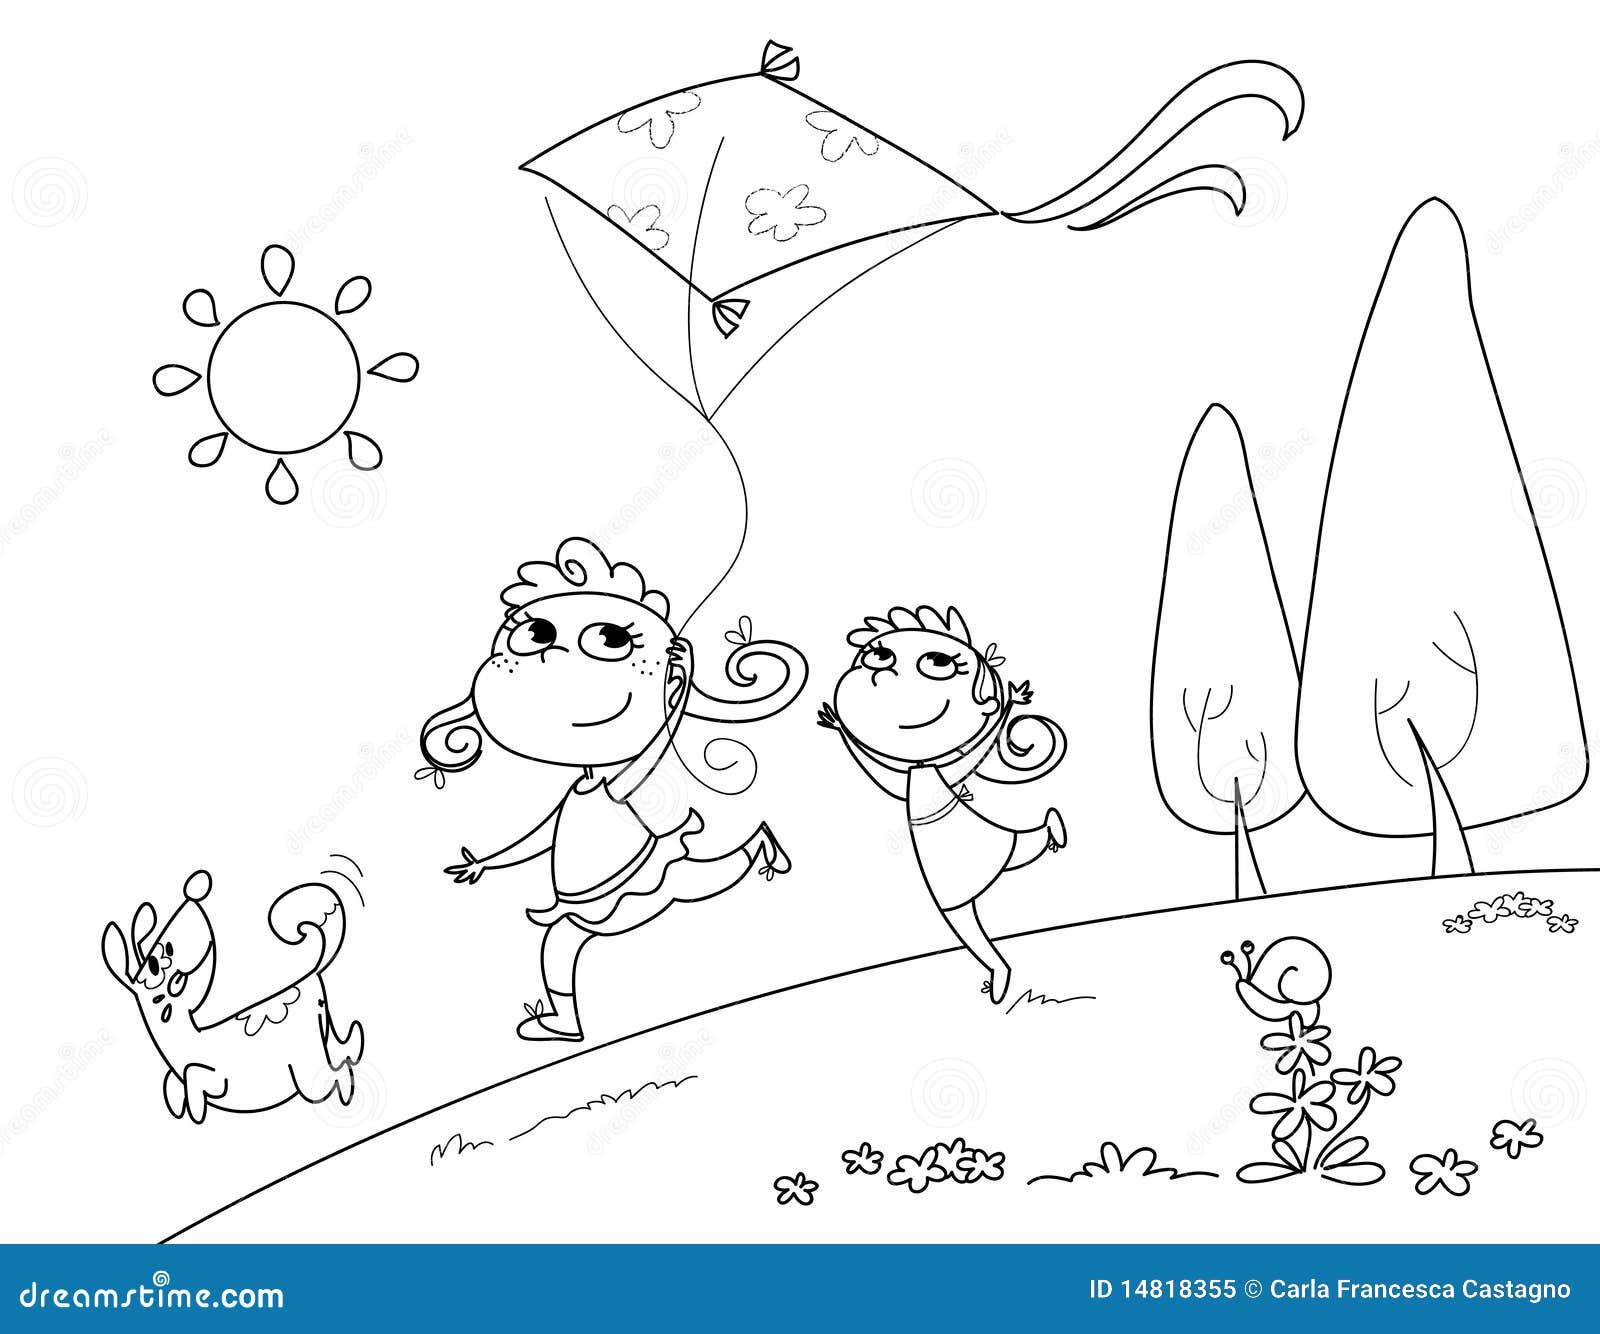 Dorable Cometas Para Colorear Componente - Dibujos Para Colorear En ...